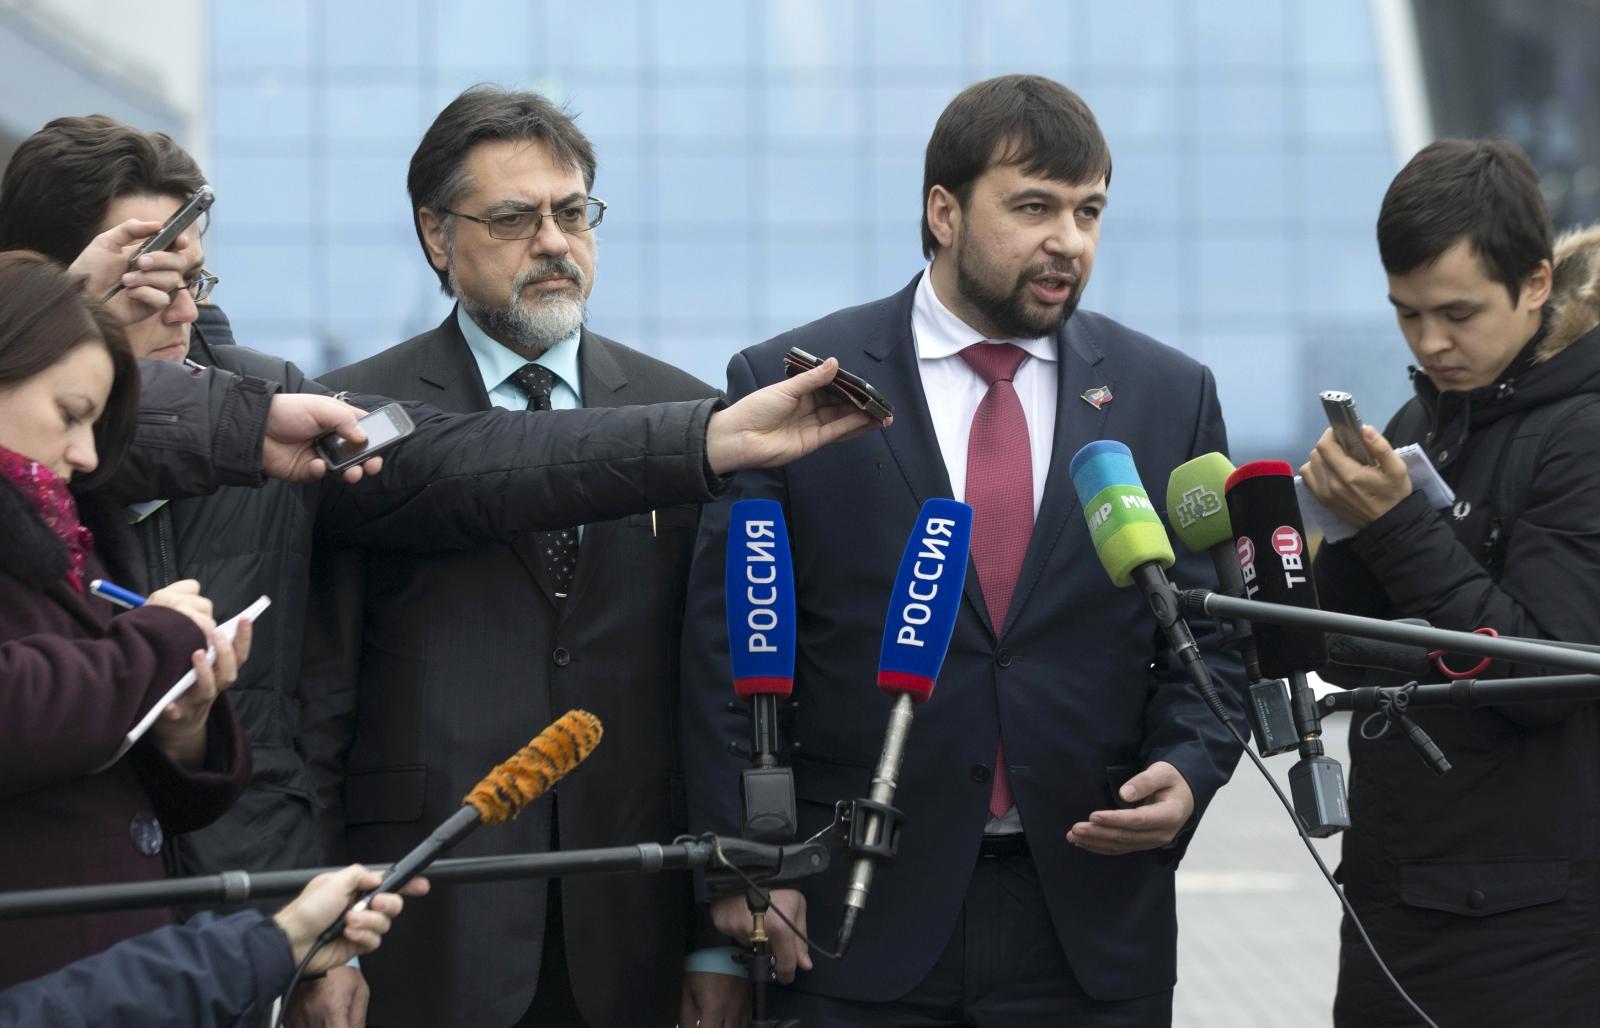 Minsk peace talks fail